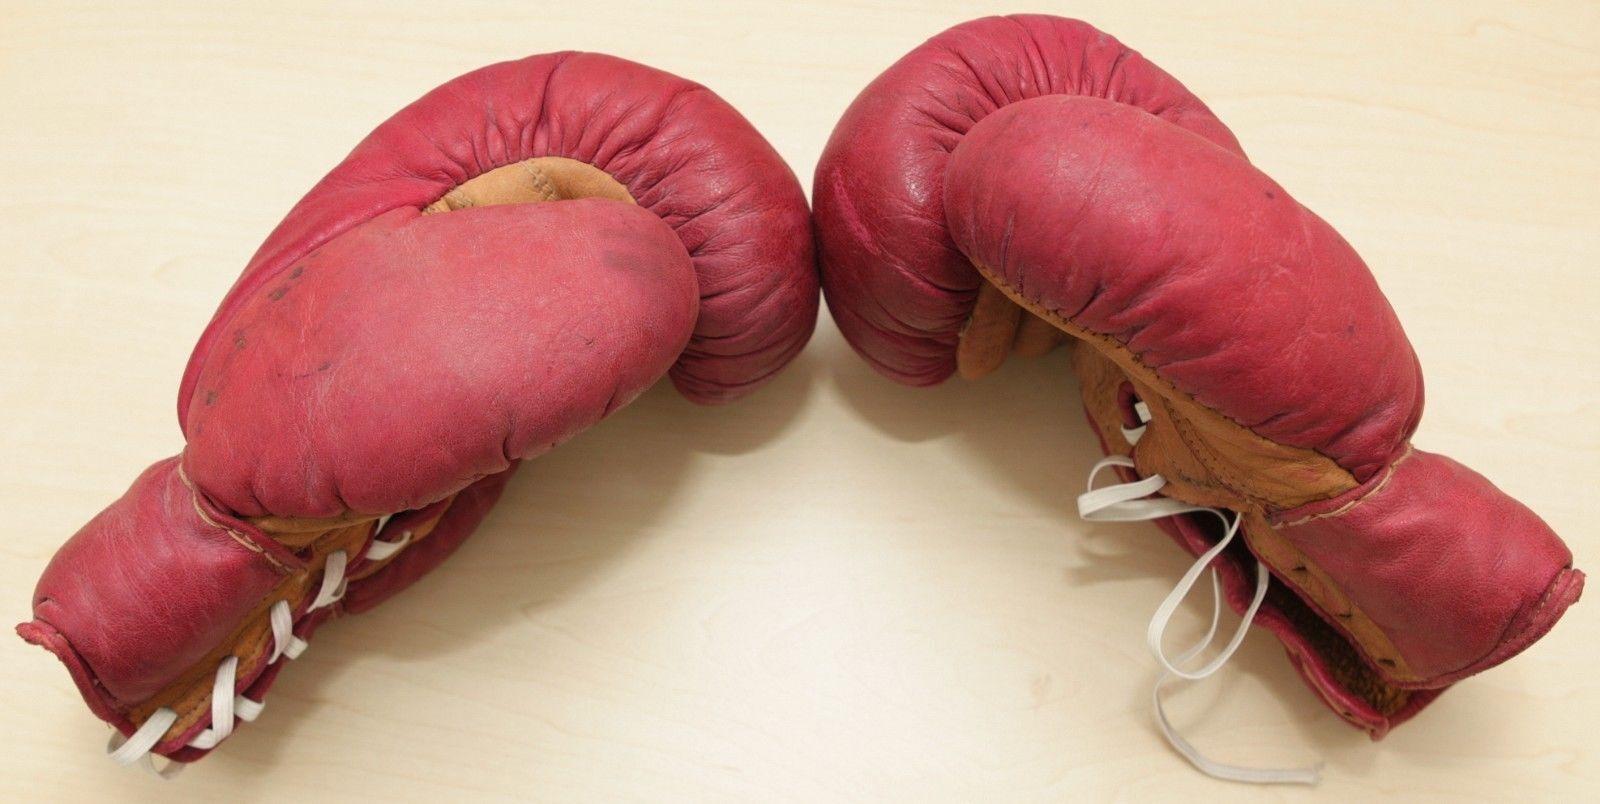 Boxen Handschuhe Handschuhe Handschuhe Boxhandschuhe um Jahr 1950 4bd822